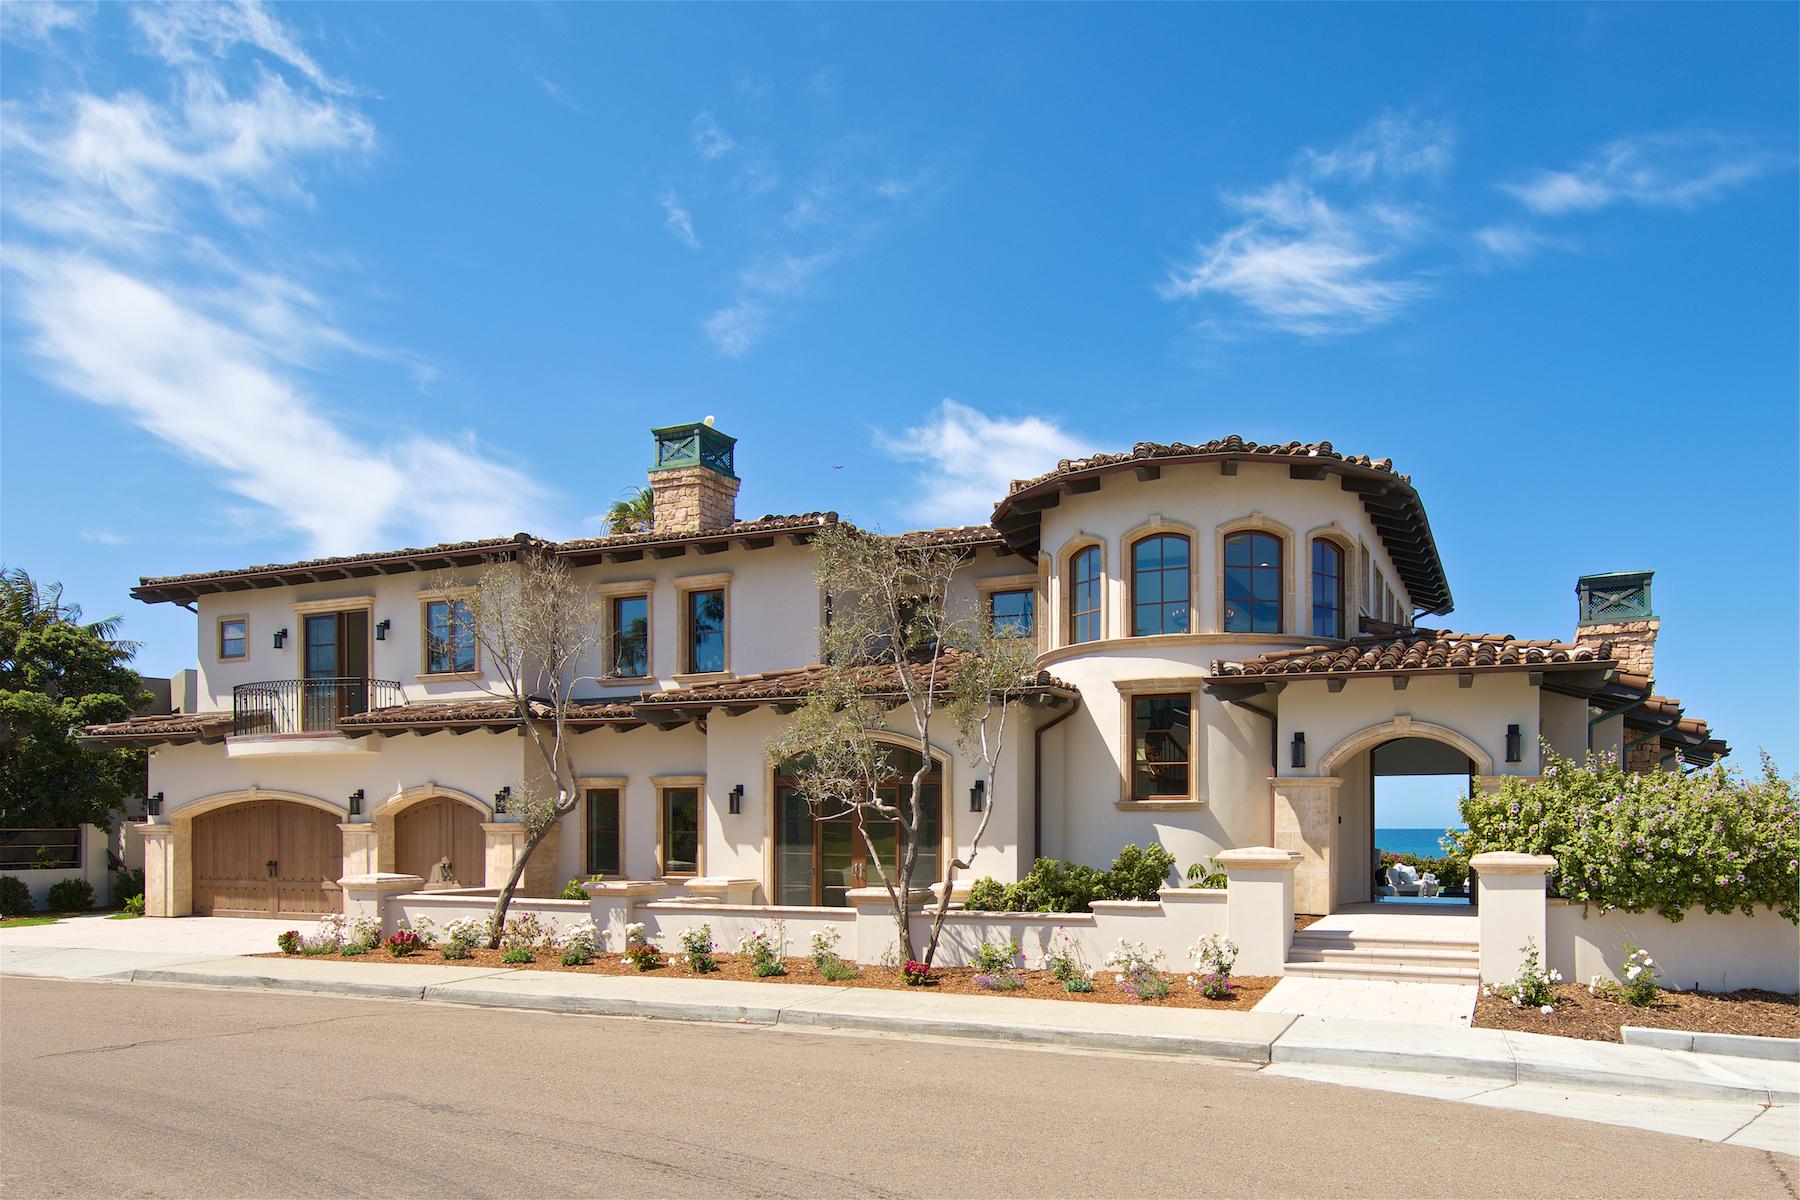 一戸建て のために 売買 アット 5490 Calumet Avenue La Jolla, カリフォルニア, 92037 アメリカ合衆国